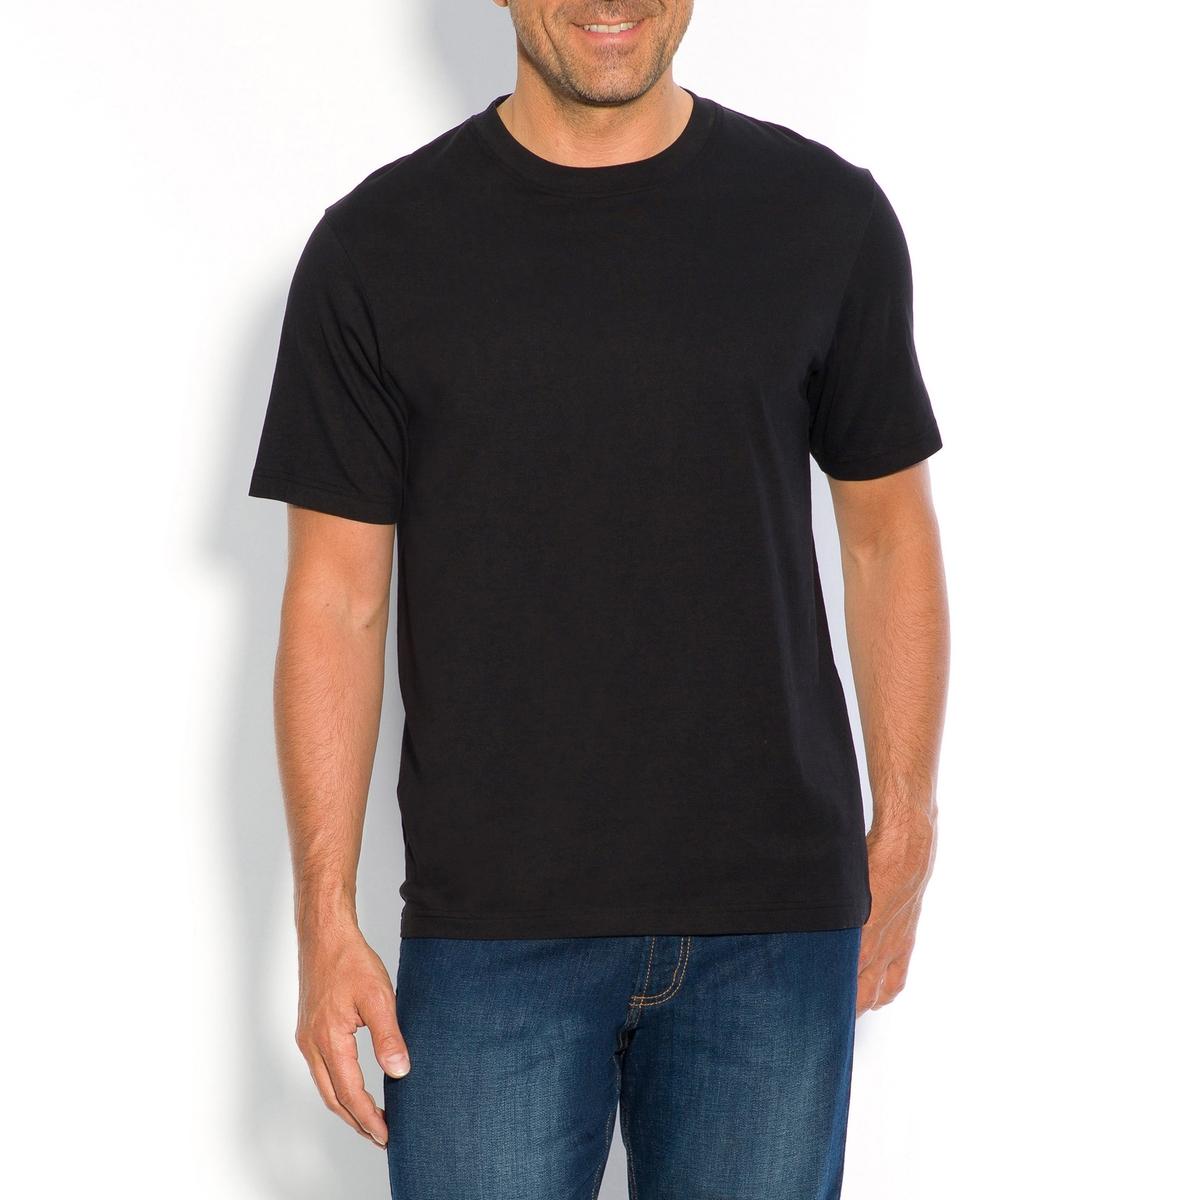 Футболка с круглым вырезом и короткими рукавами, 100% хлопокФутболка с круглым вырезом и короткими рукавами, 100% хлопок.  Необходимая вещь для каждого гардероба, футболка из 100% хлопка  представлена в сдержанной цветовой гамме, чтобы идеально сочетаться с  Вашими рубашками и пуловерами в любой сезон. Футболка из 100% хлопка  (65% полиэстера, 35% хлопка для модели цвета серый меланж). Длина 75 см.- длина спереди : 74 см для размера 50/52 и 85 см для размера 94/96.- длина рукавов : 22,8 см для размера 50/52 и 29,4 см для размера 94/96.<br><br>Цвет: кирпичный,синий меланж<br>Размер: 66/68.70/72.74/76.70/72